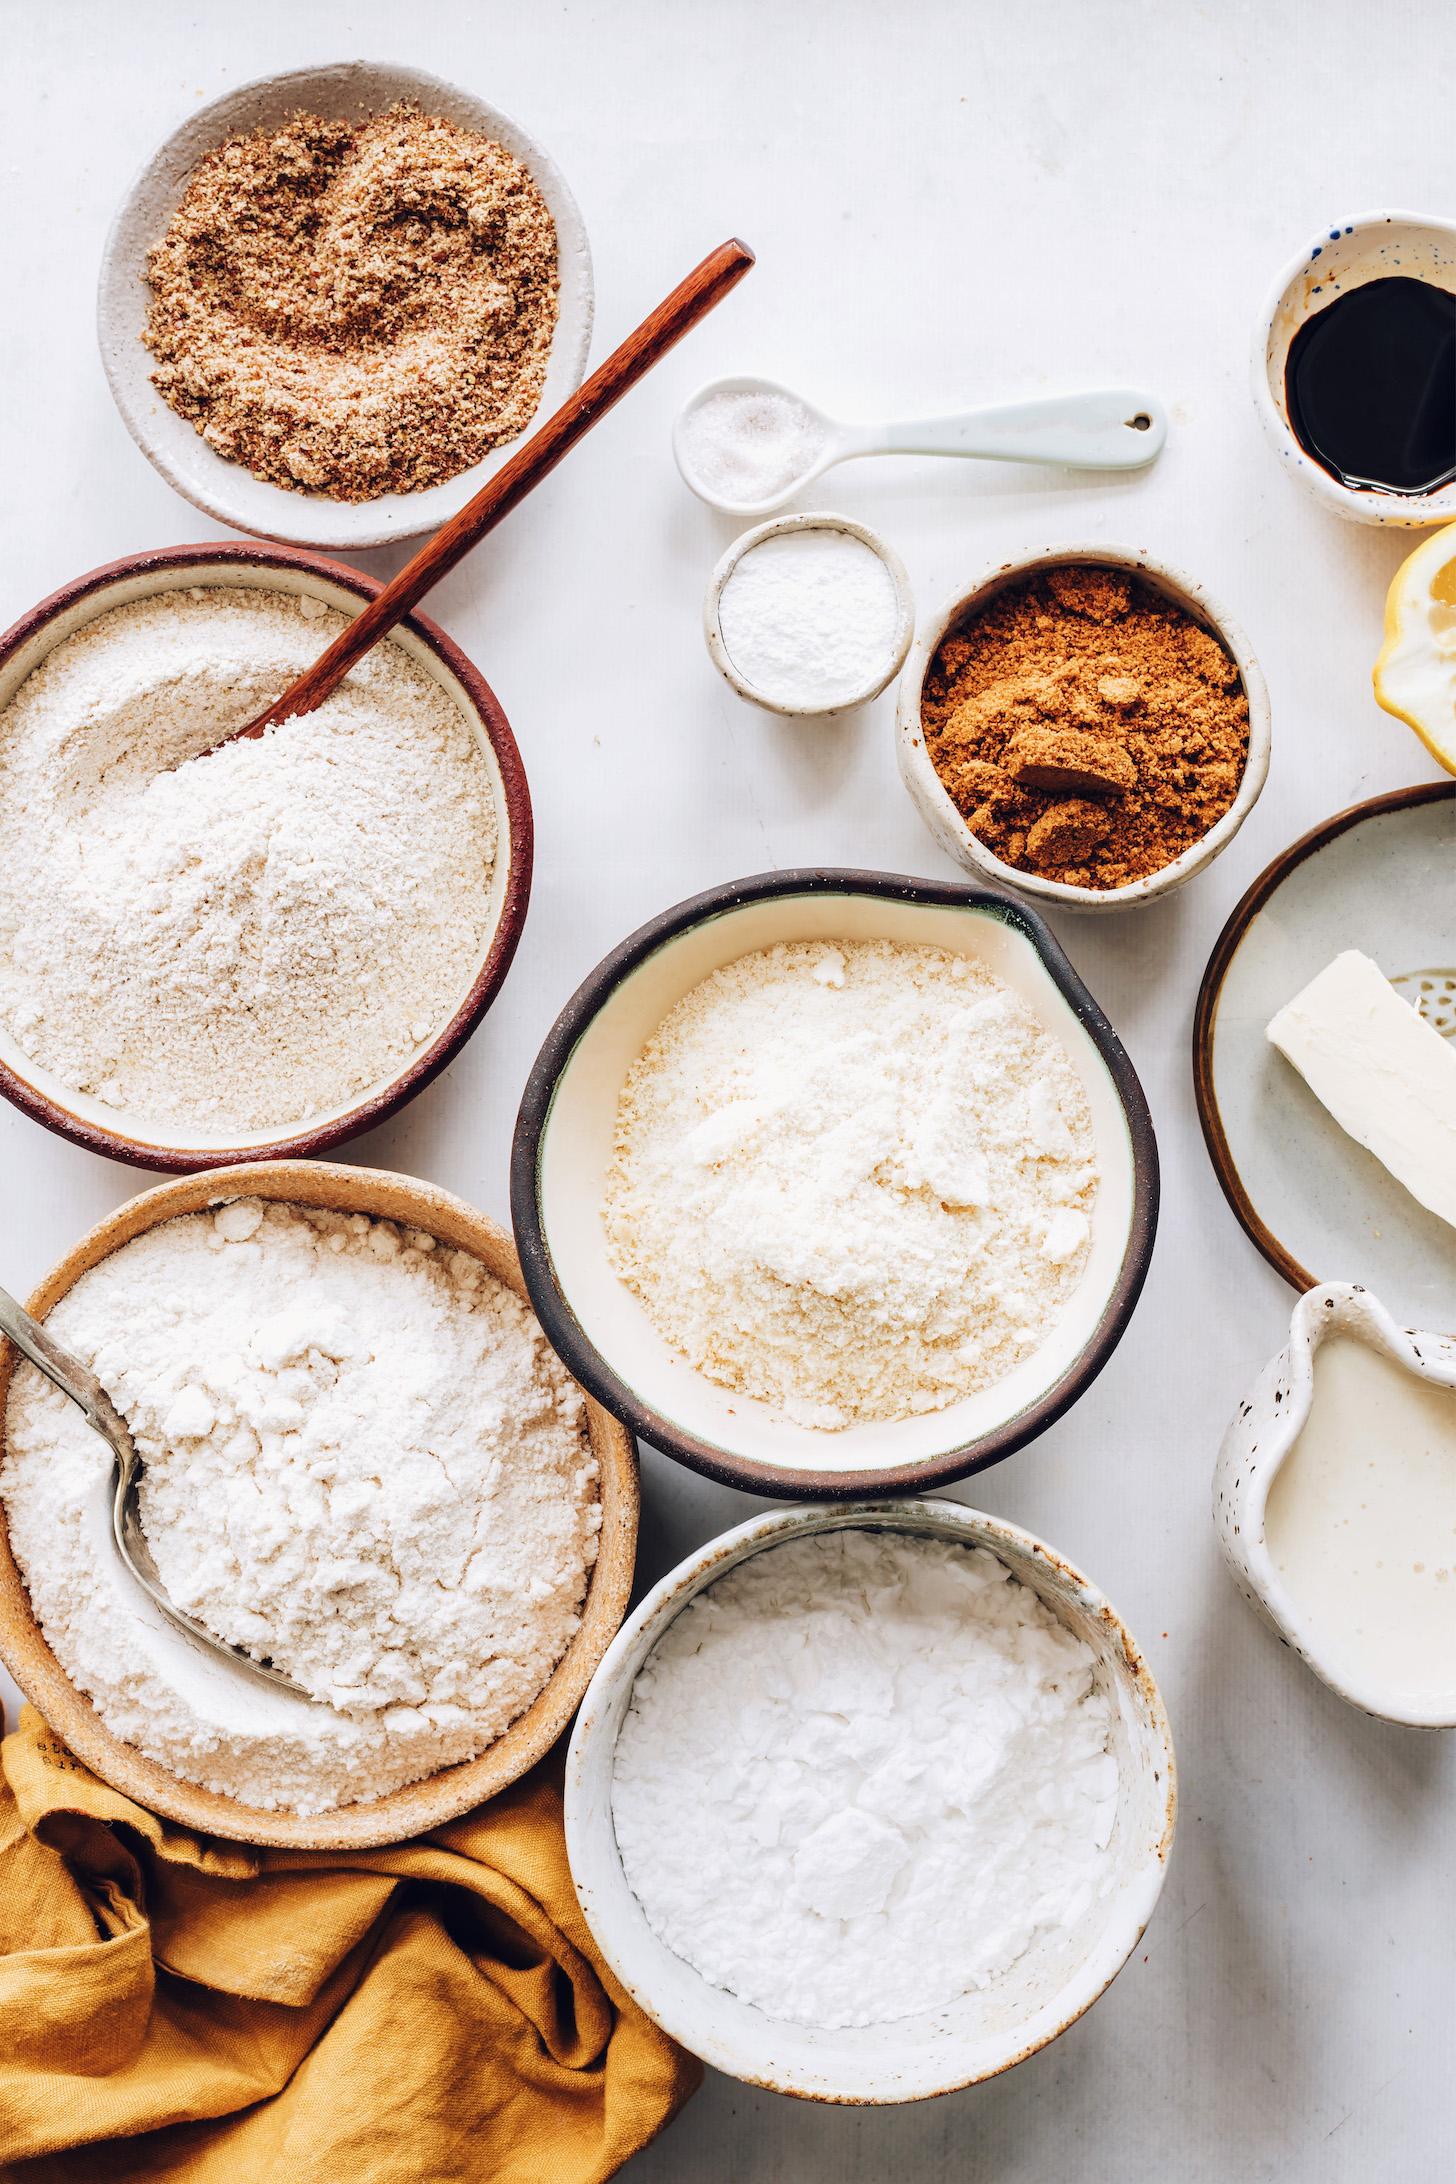 Kahverengi pirinç unu, badem unu, yulaf unu, patates nişastası, kabartma tozu, keten tohumu unu, hindistancevizi şekeri ve vegan tereyağı, süt içermeyen süt, limon ve vanilyanın yanında tuz